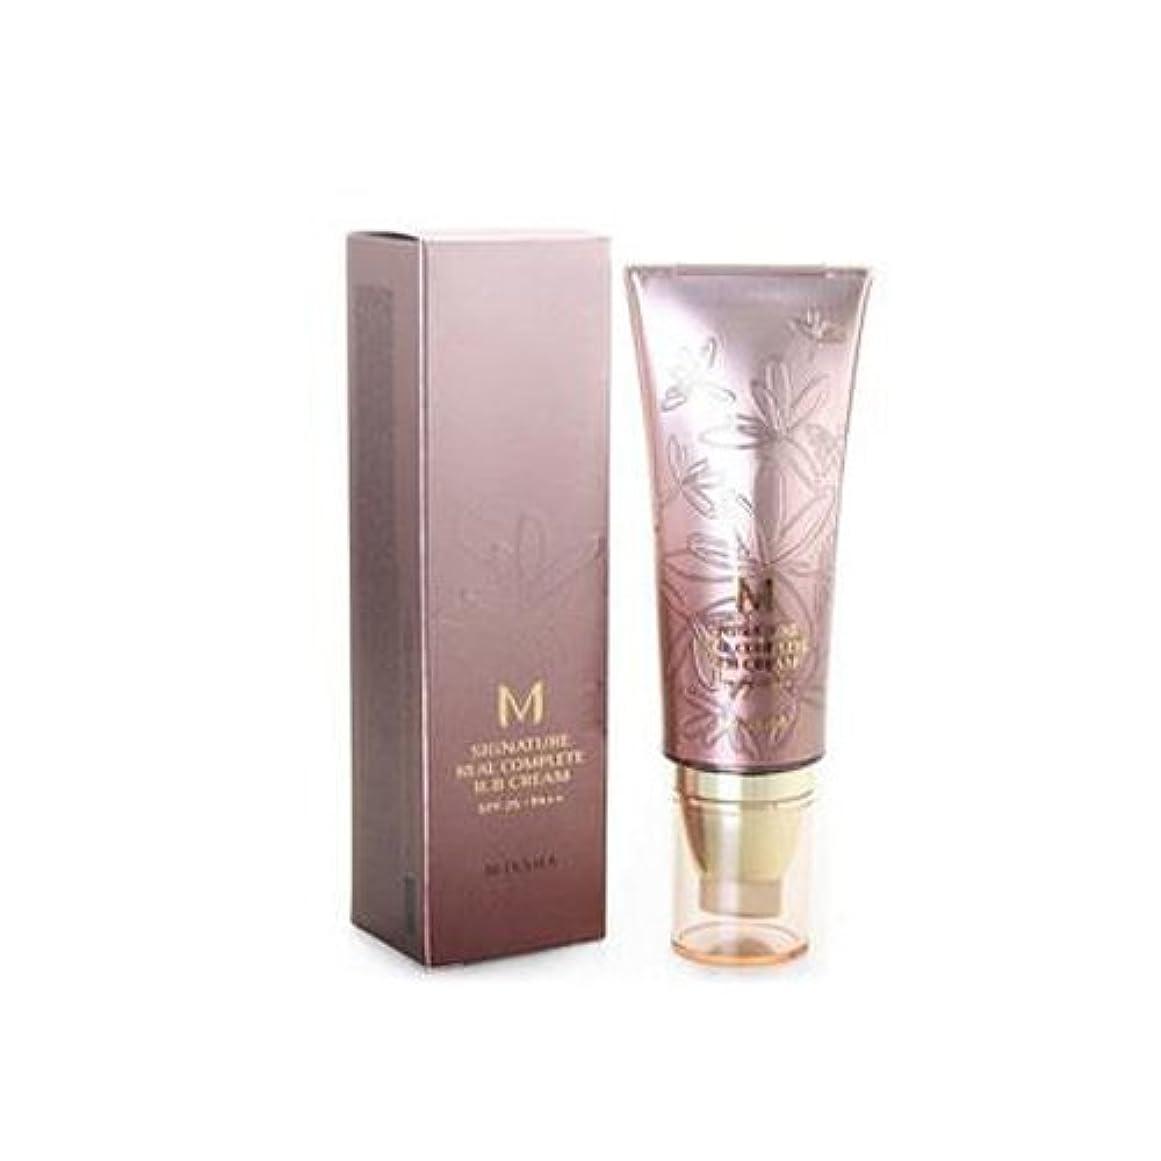 病きゅうり知人MISSHA M Signature Real Complete B.B Cream SPF 25 PA++ No. 21 Light Pink Beige (並行輸入品)